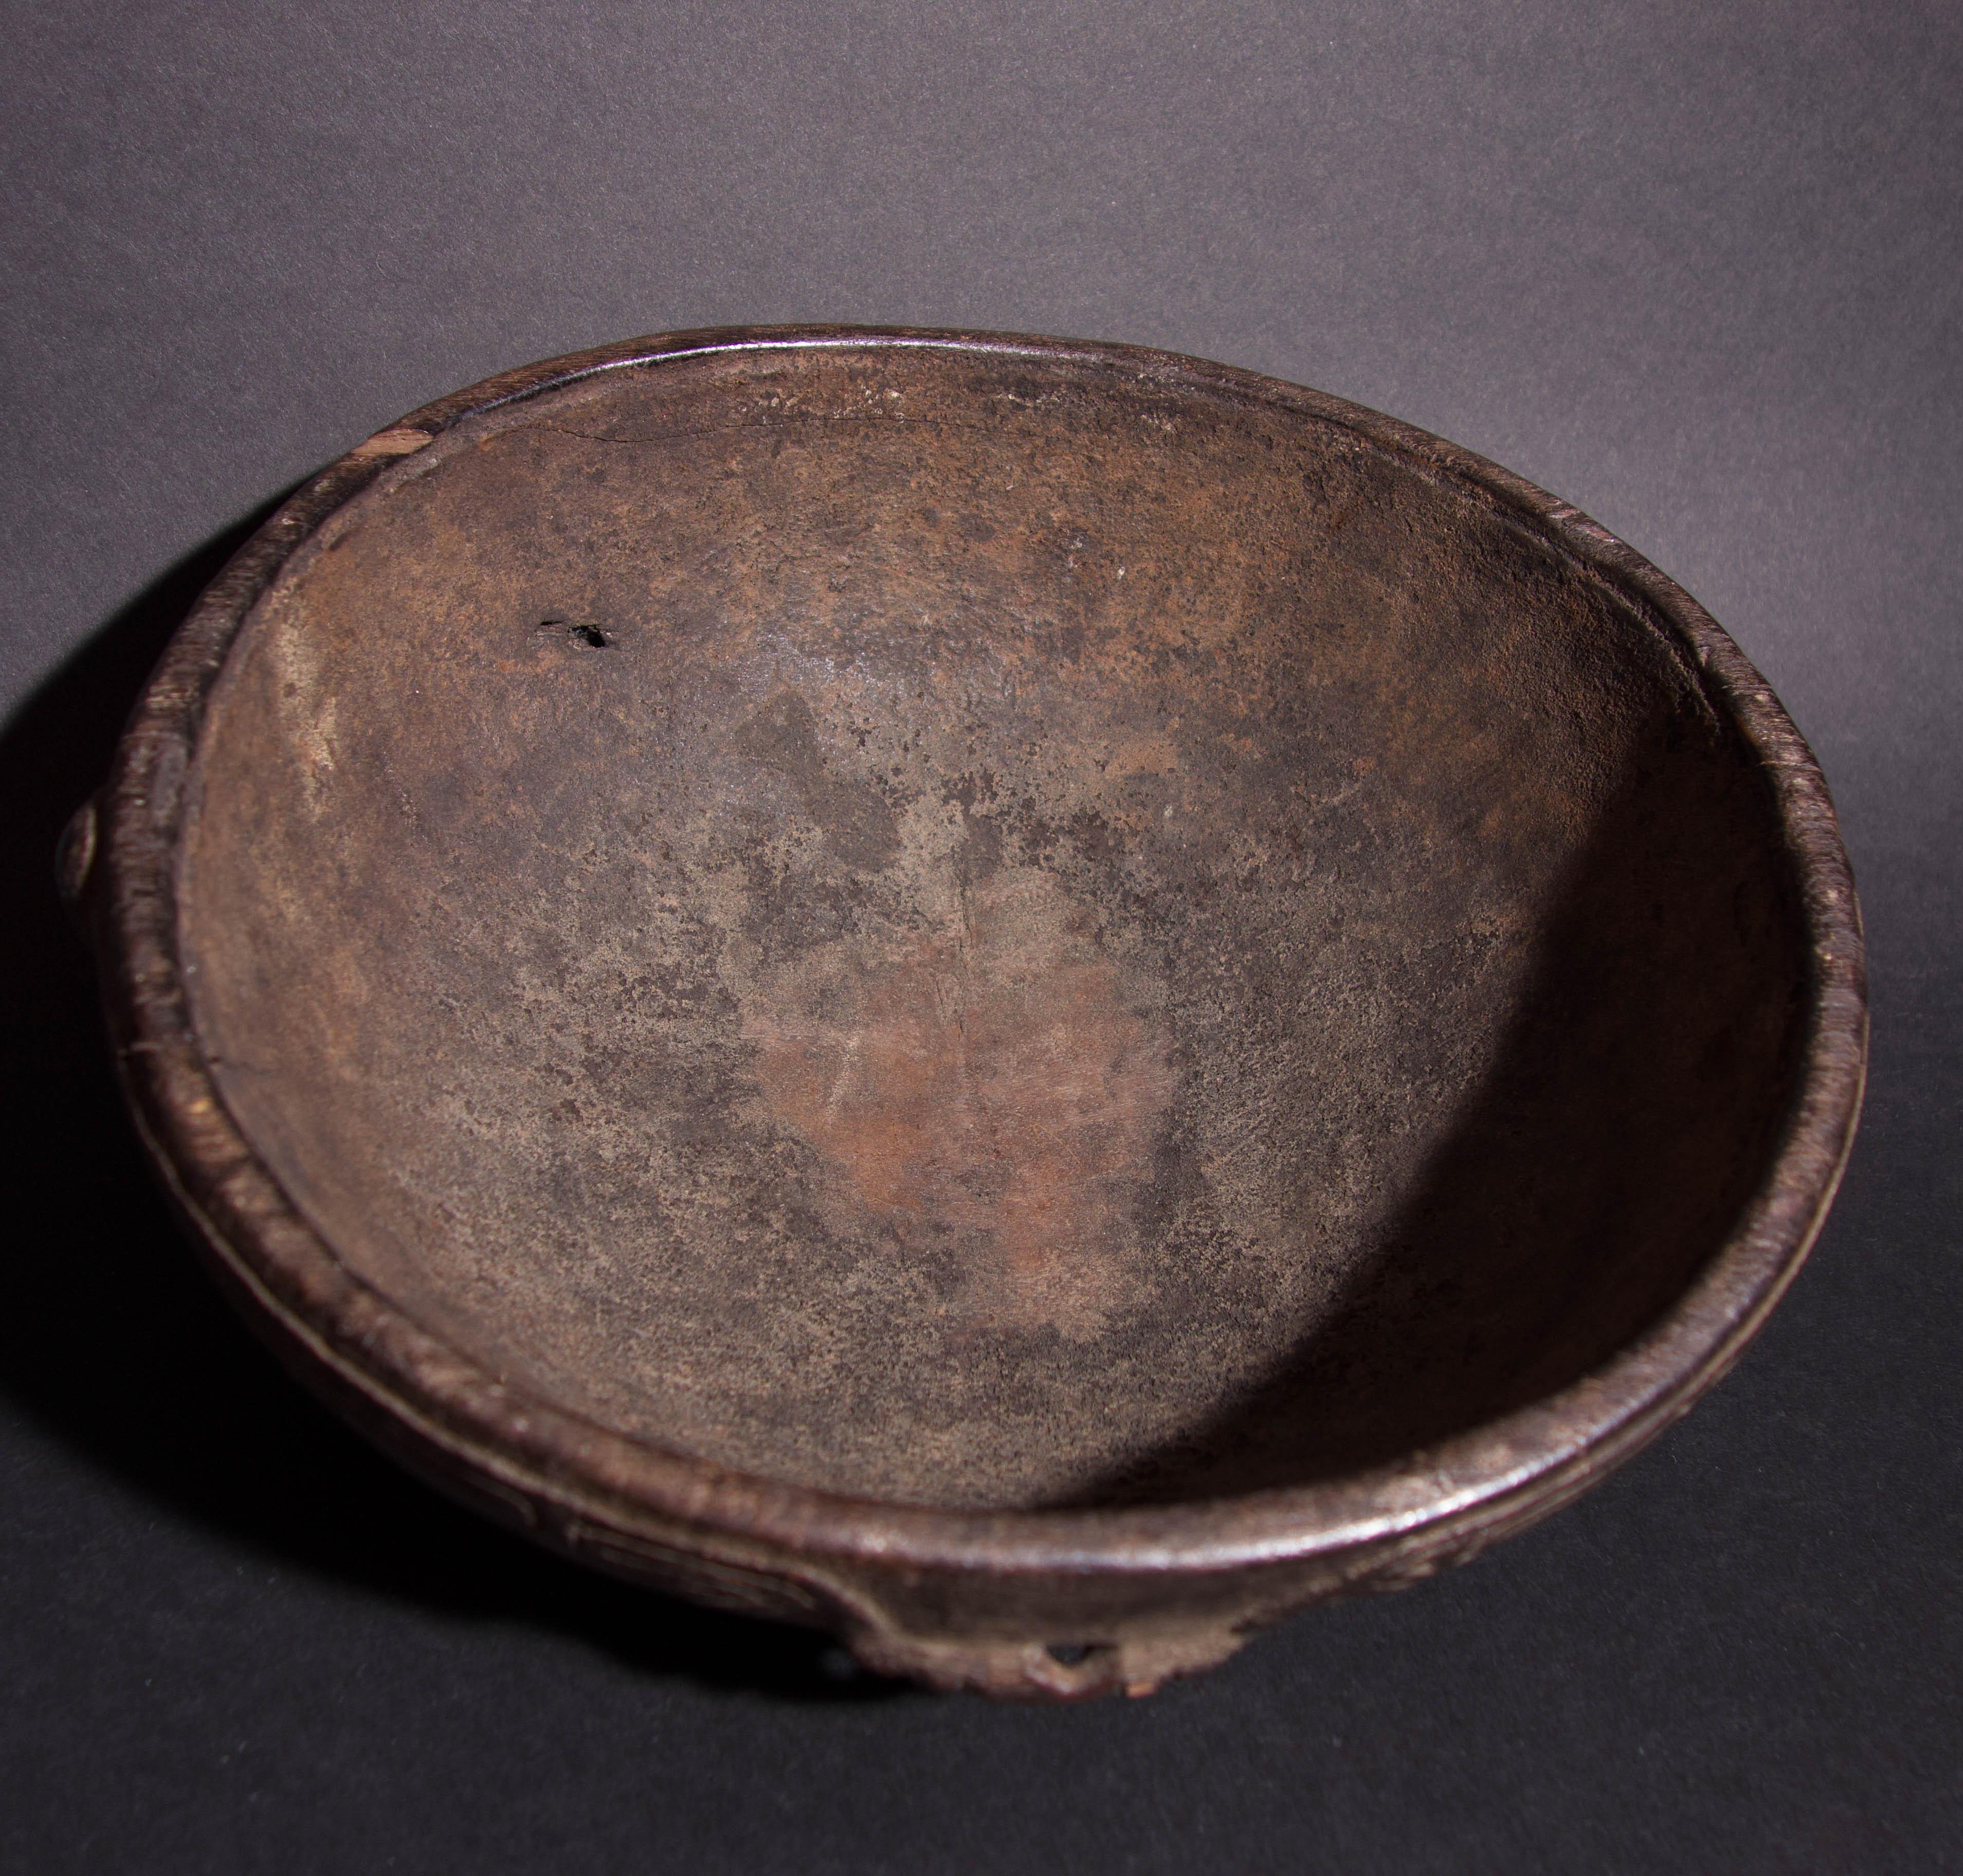 Boiken bowl